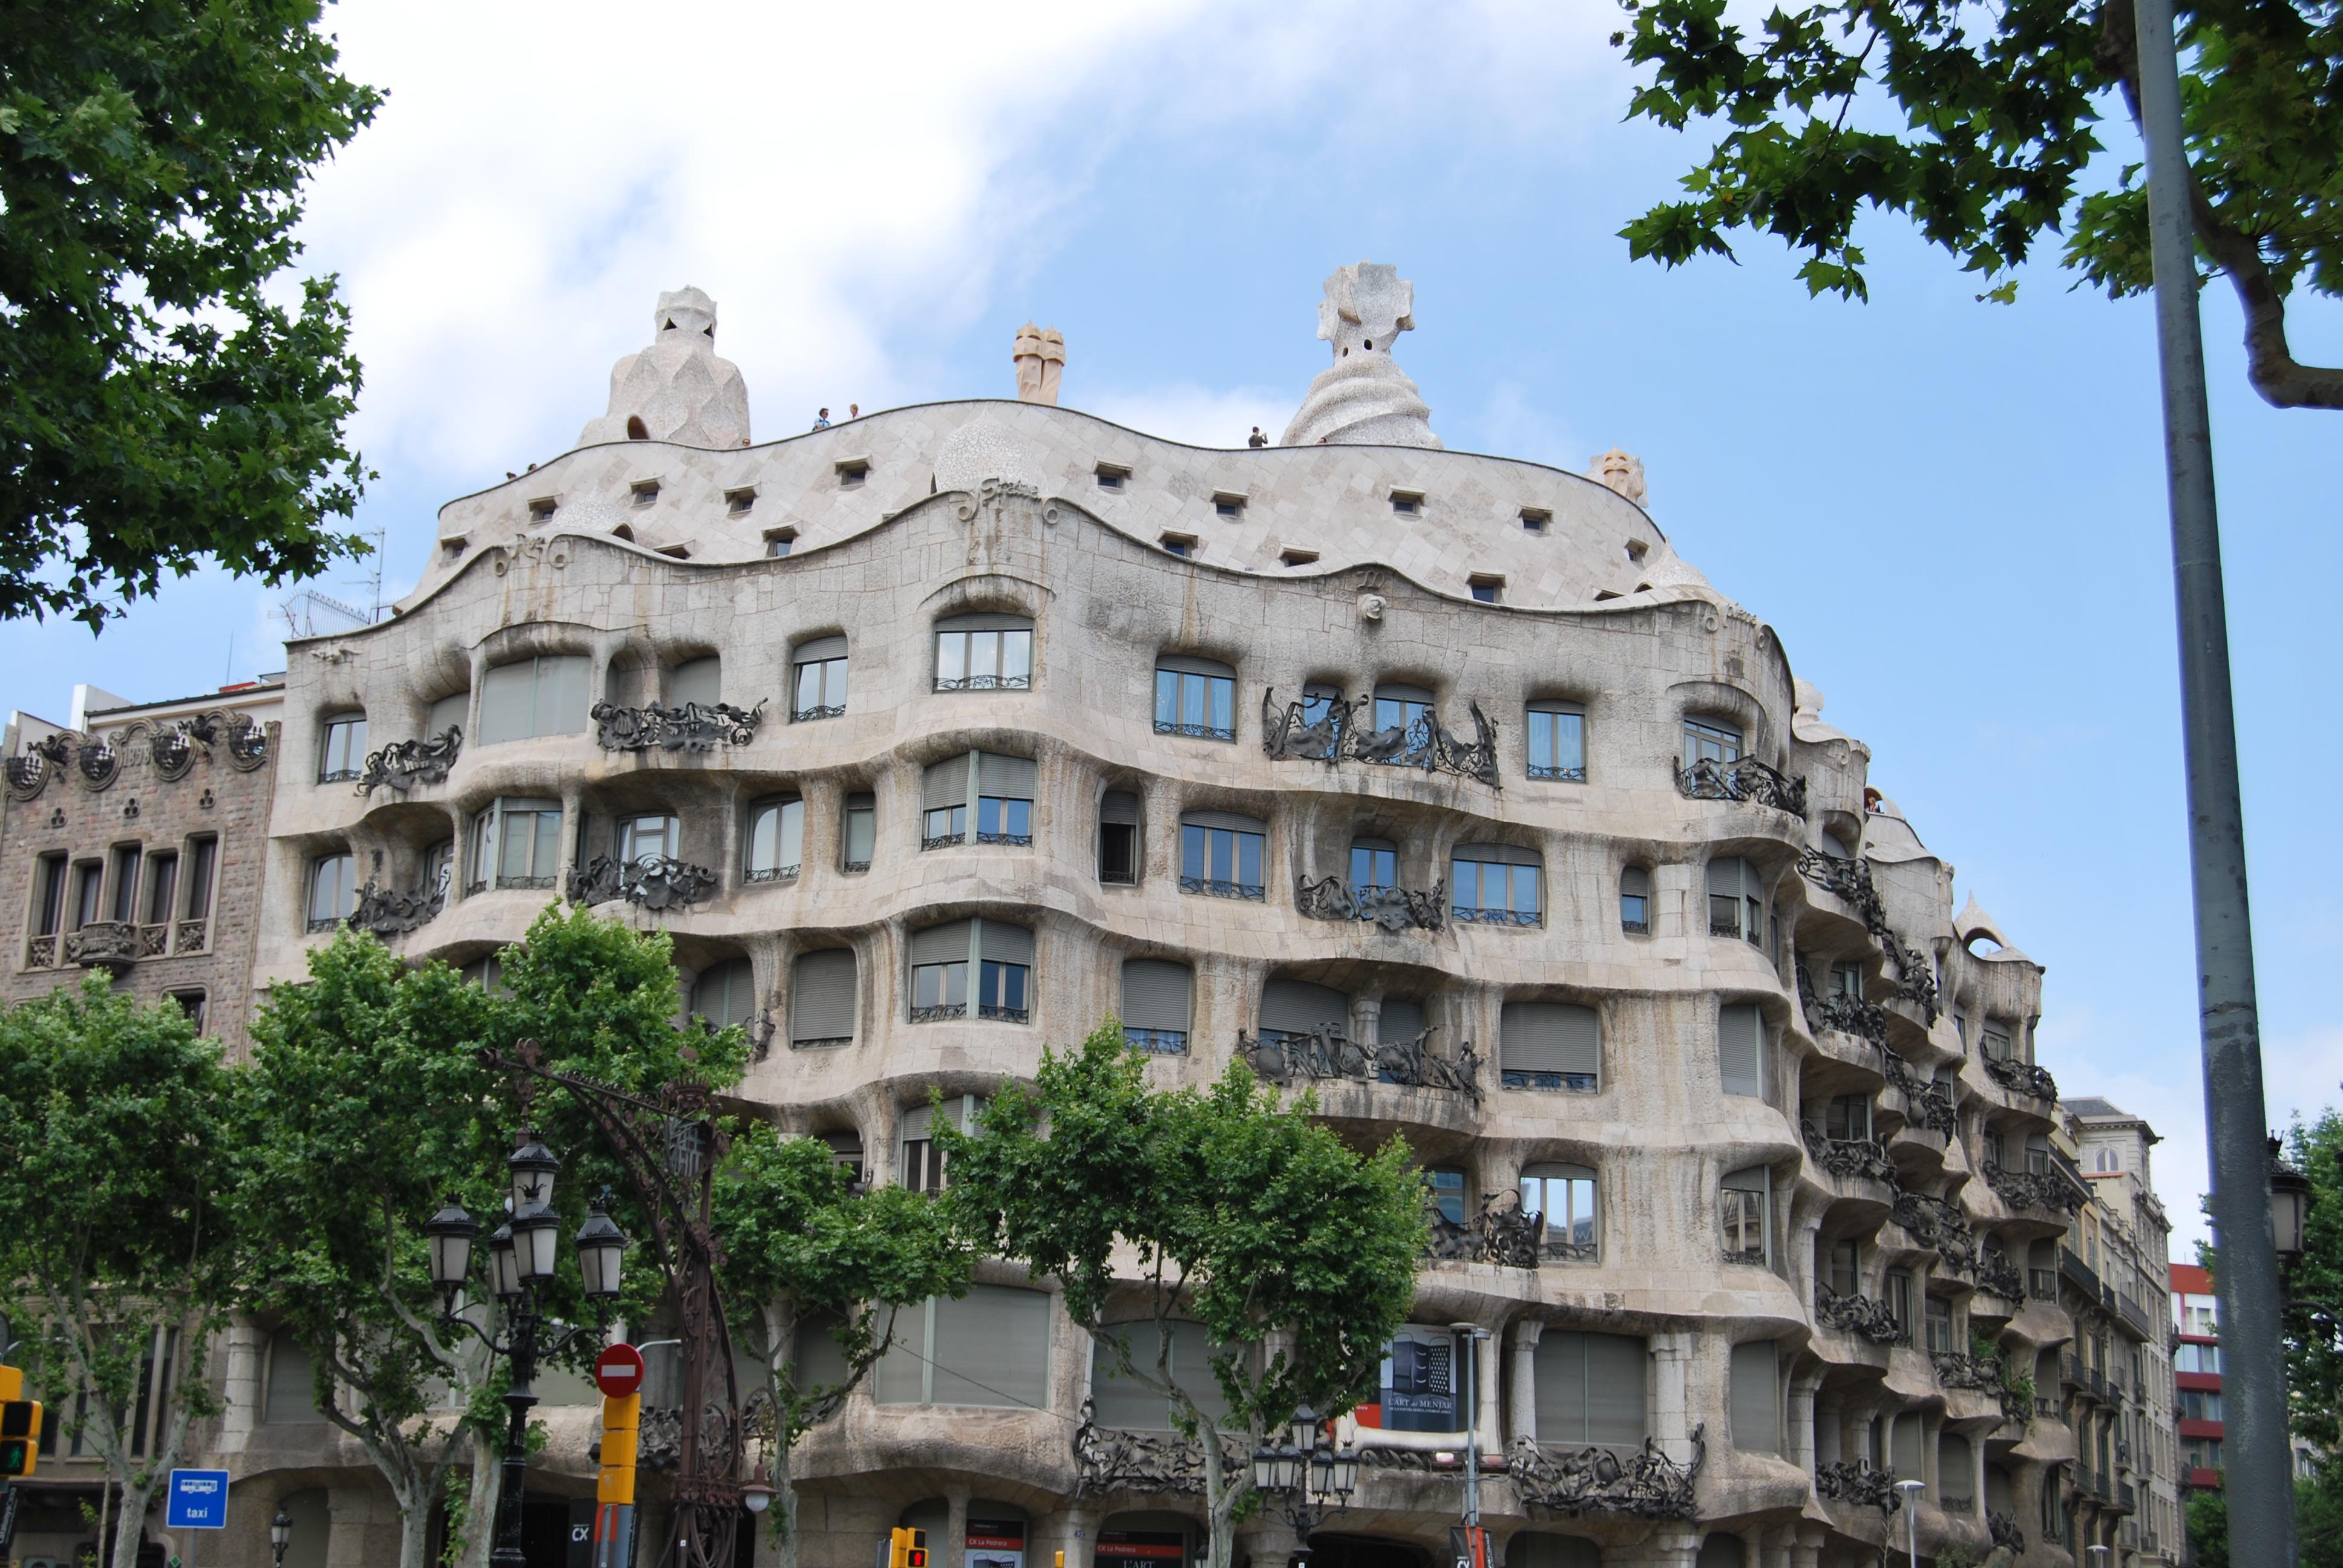 Casa batllo casa mila awesome casa batll facade skip the line with casa batllo casa mila - Casa mila or casa batllo ...